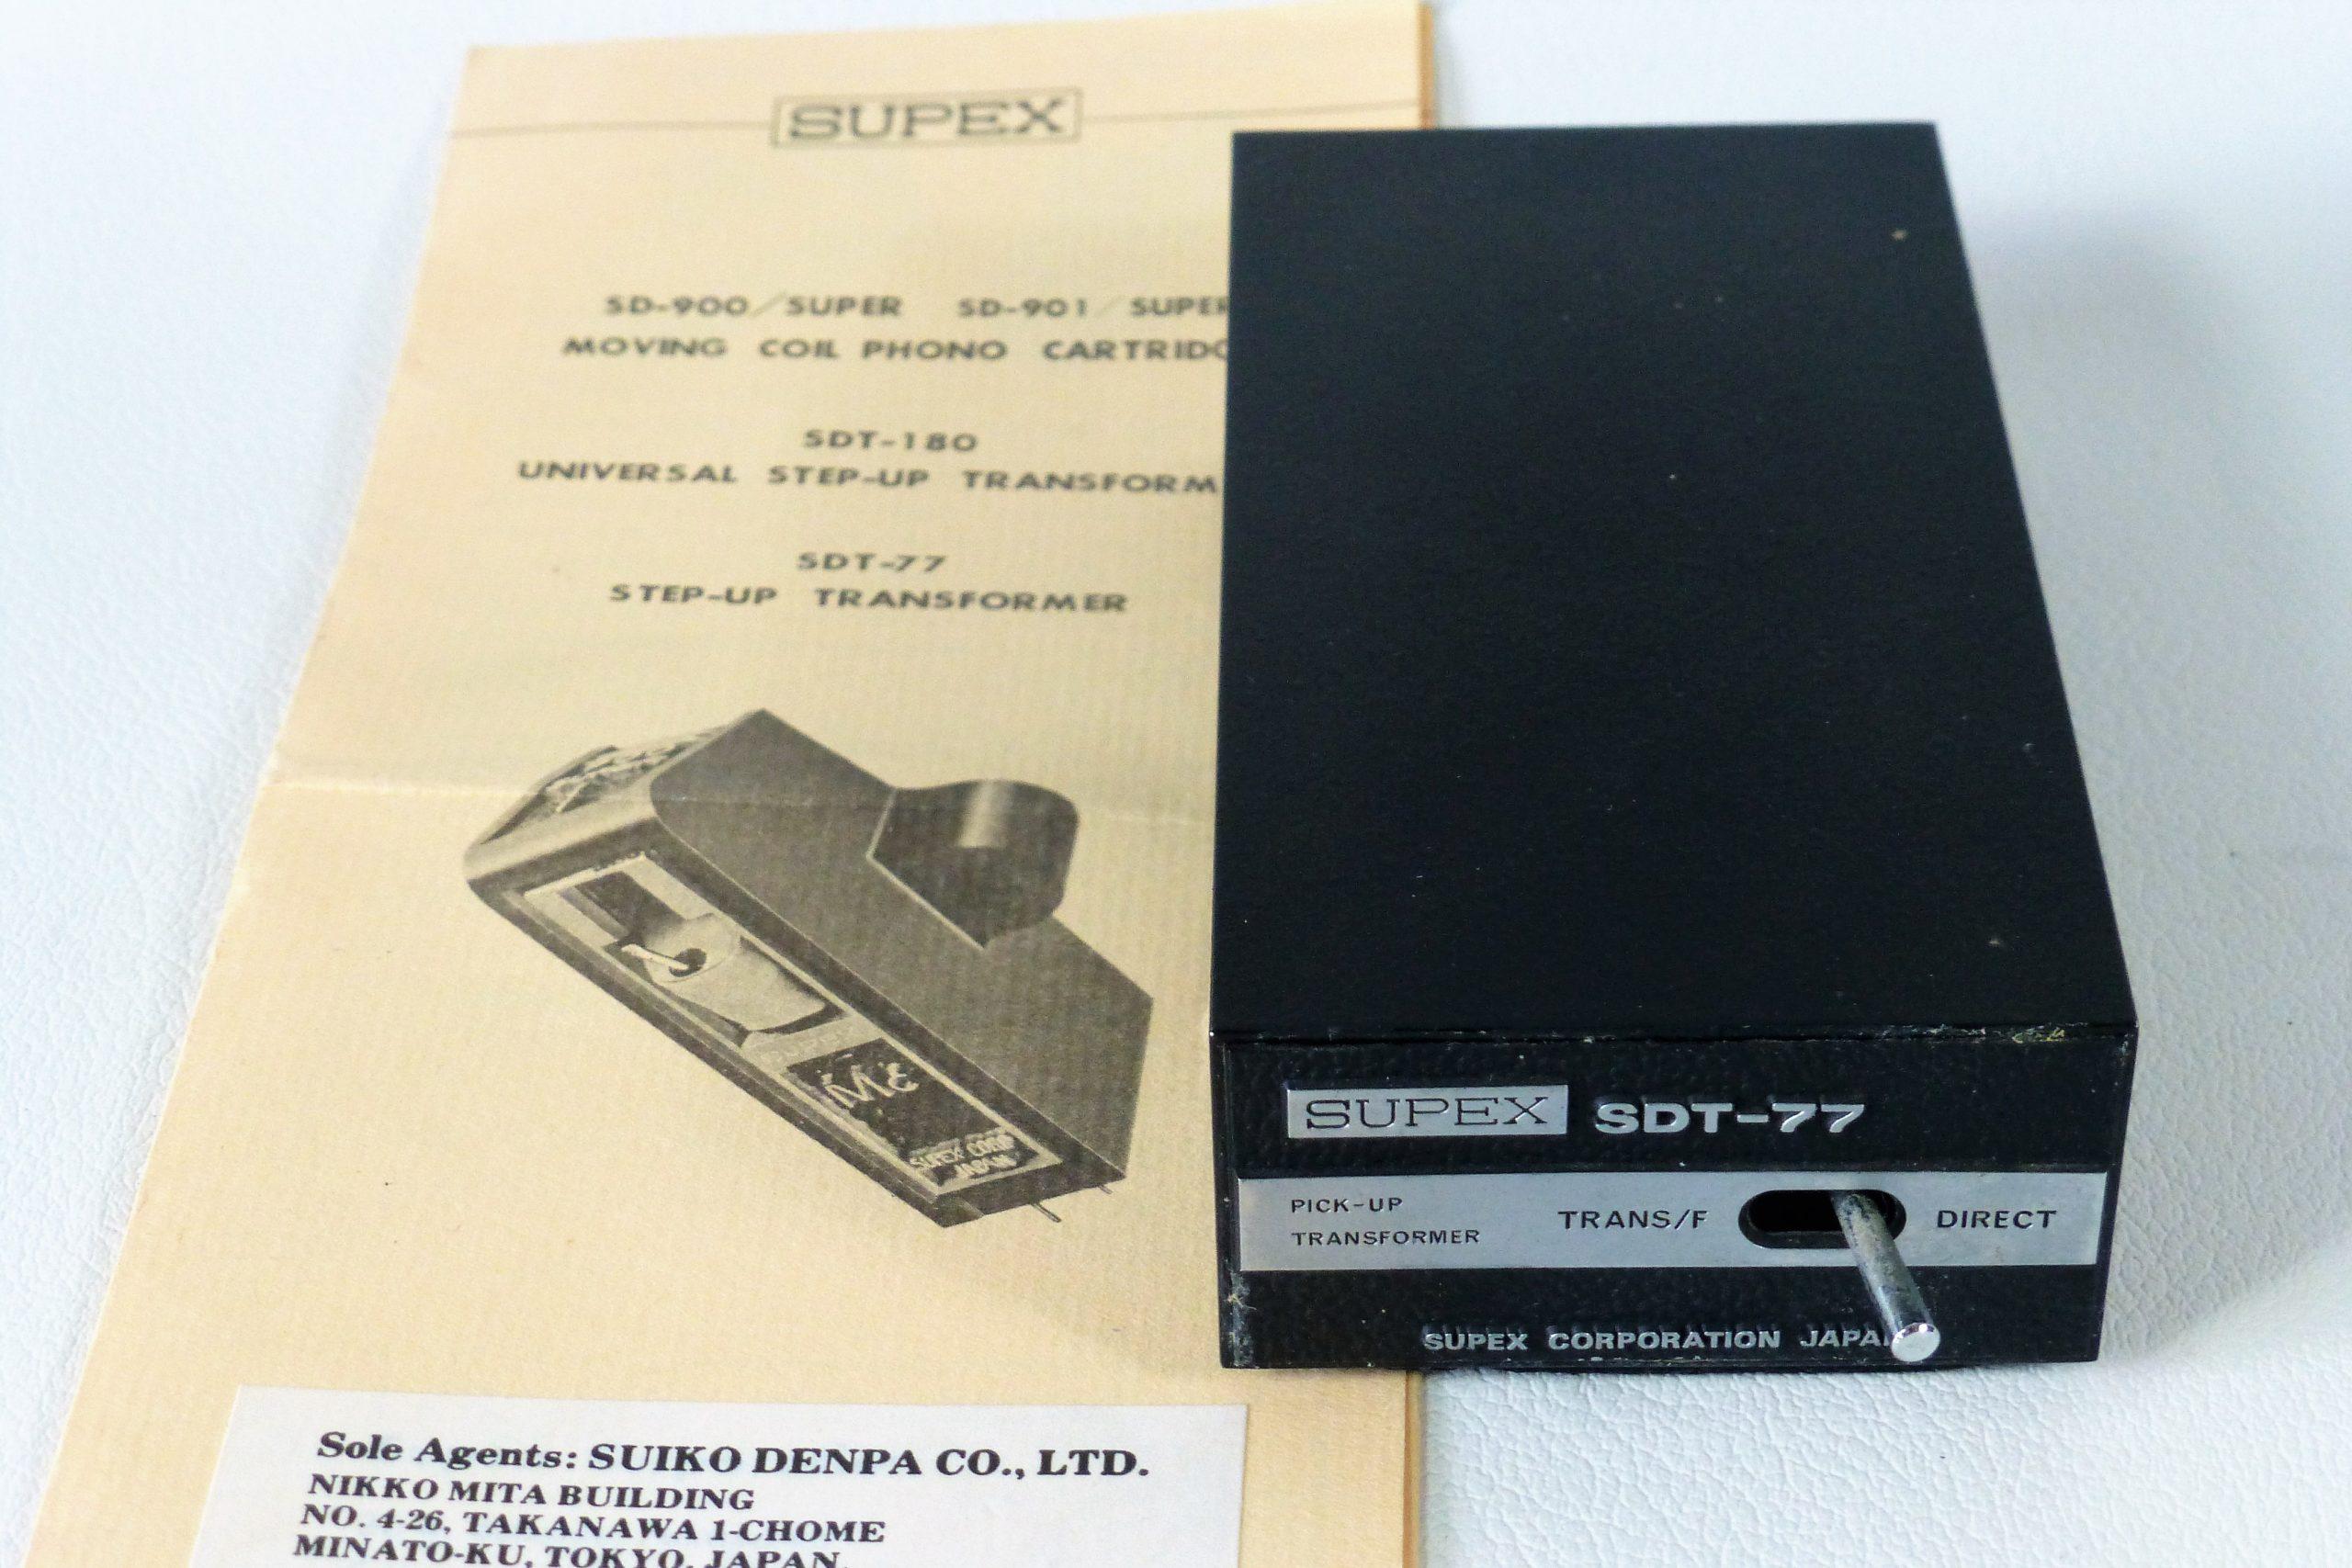 Supex SDT-77